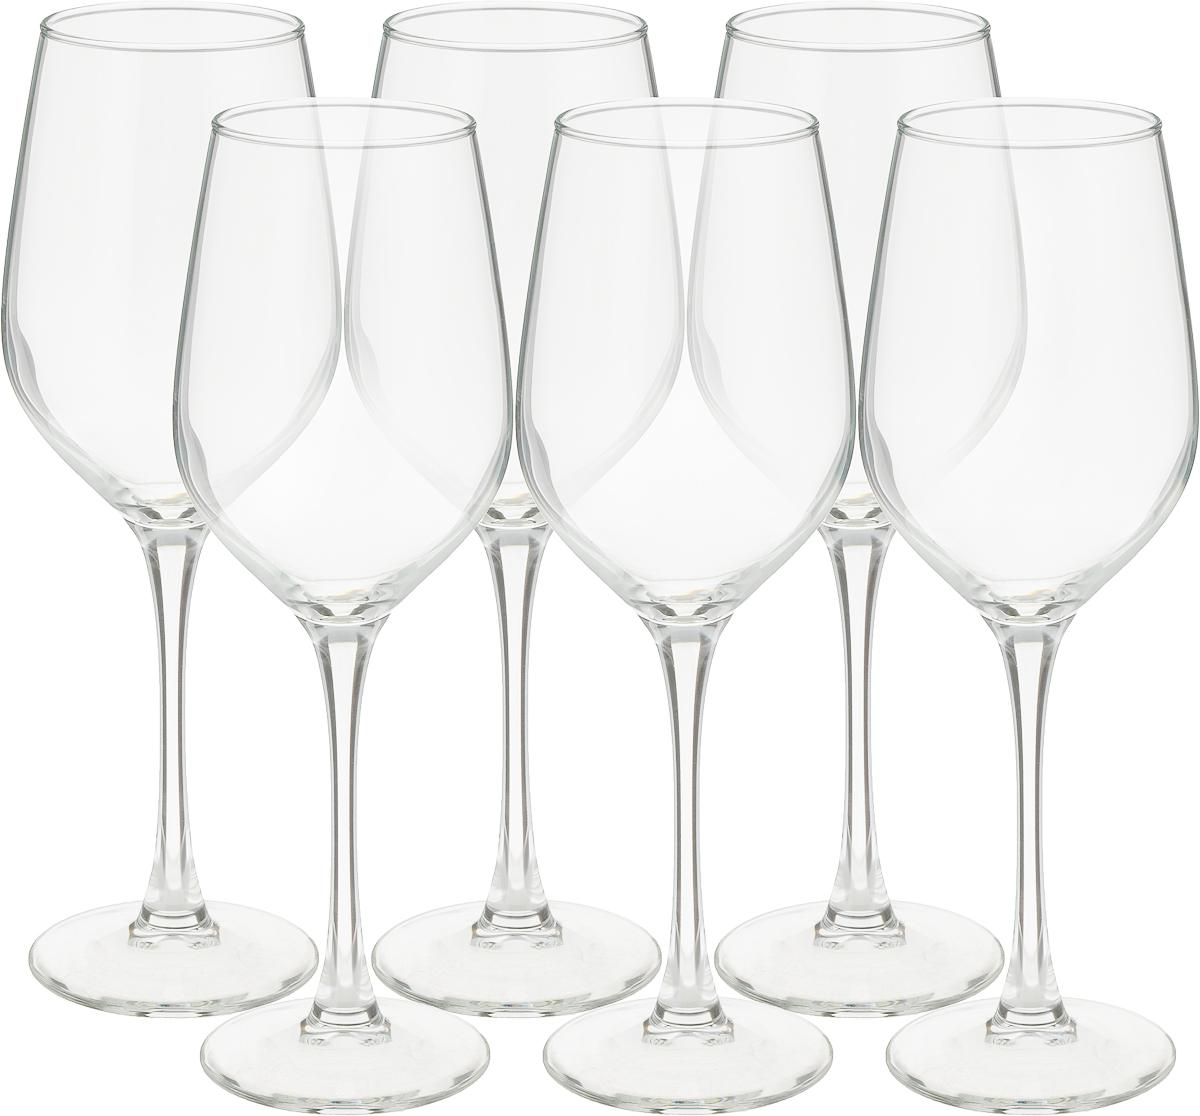 """Стеклянные бокалы Luminarc """"Селест"""" очень красивой формы, напоминающей полураскрытый тюльпан. Глубокие бокалы такой формы предназначены, как правило, для подачи белых вин. Особенность белого вина в том, что будучи выпитым из посуды неподходящей формы, оно теряет вкус, не раскрывает букет. Коллекция Luminarc """"Селест"""" безупречна в этом плане."""